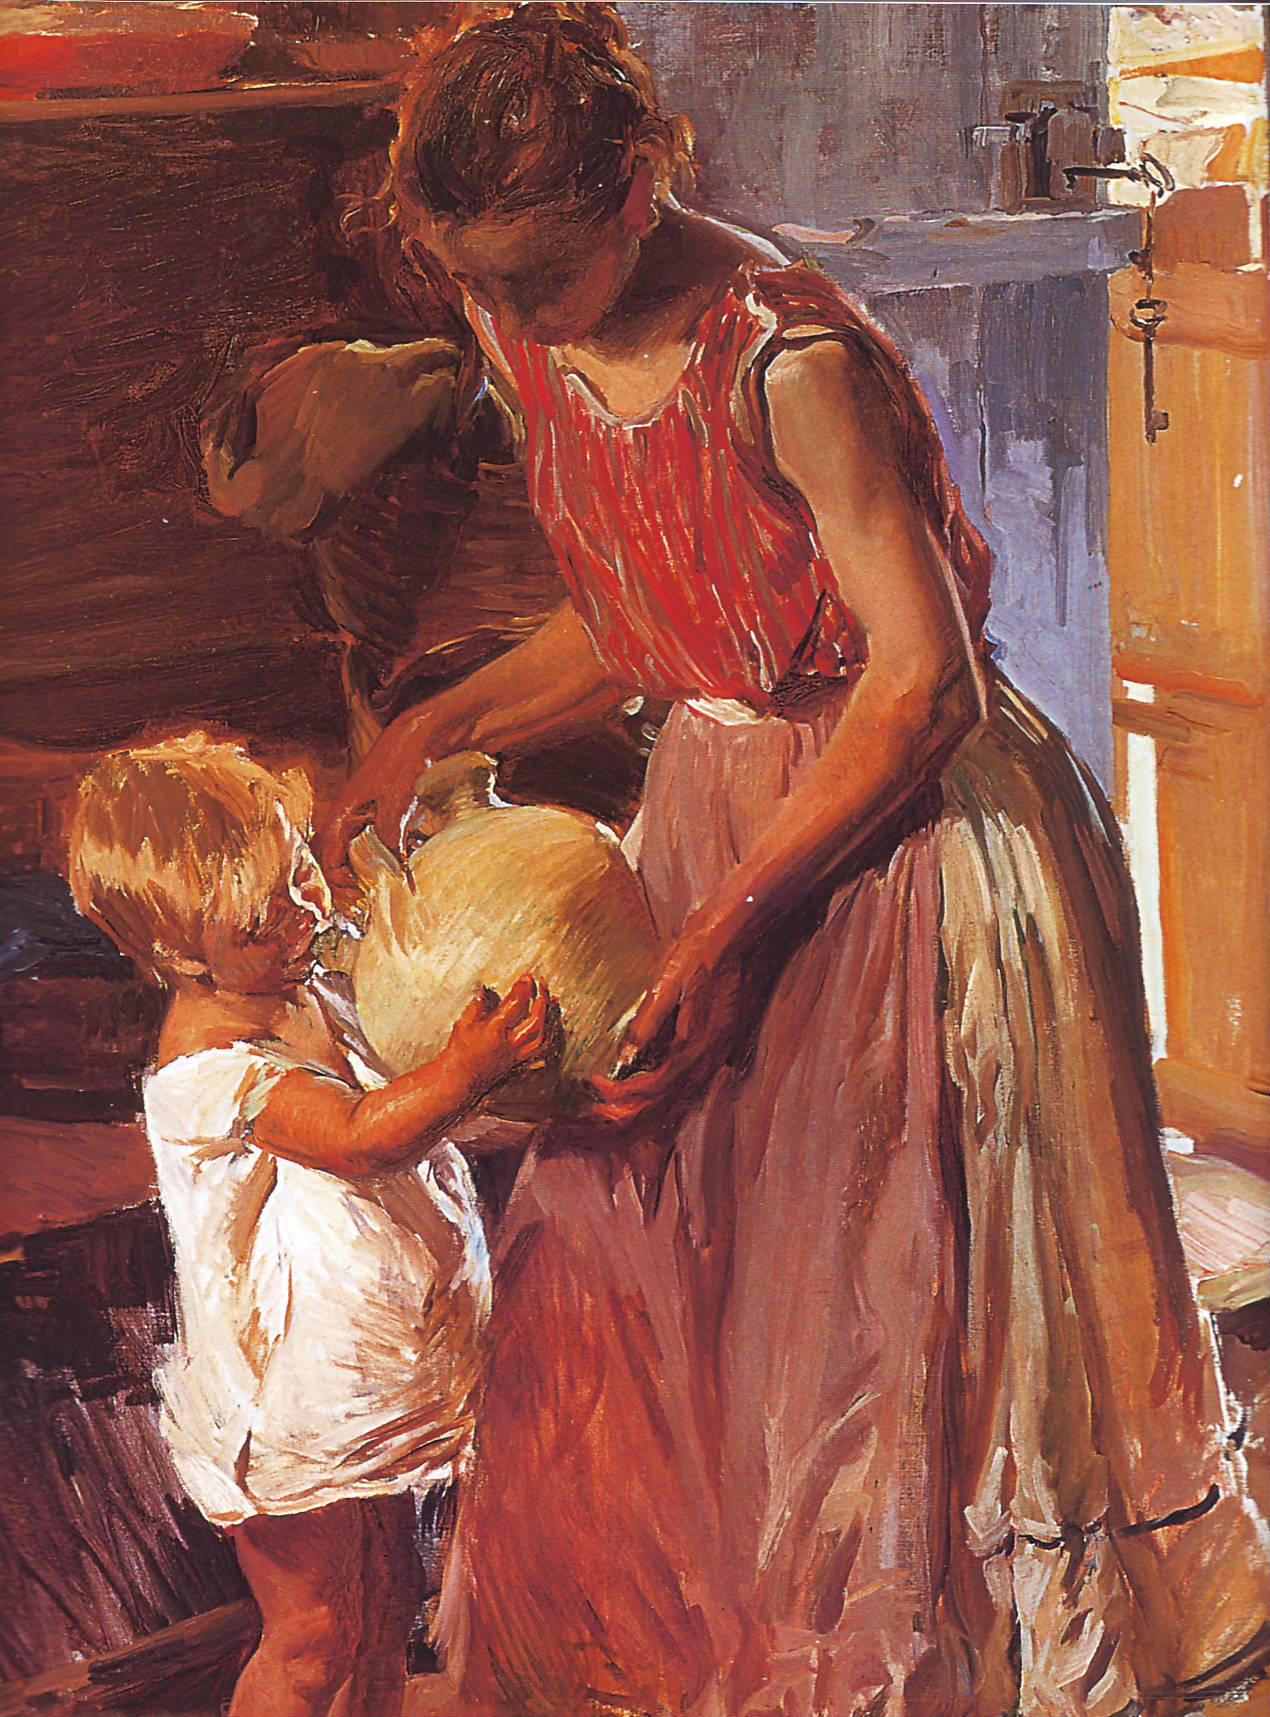 Madre y niño con un botijo. Joaquín Sorolla. Óleo sobre lienzo, 1905